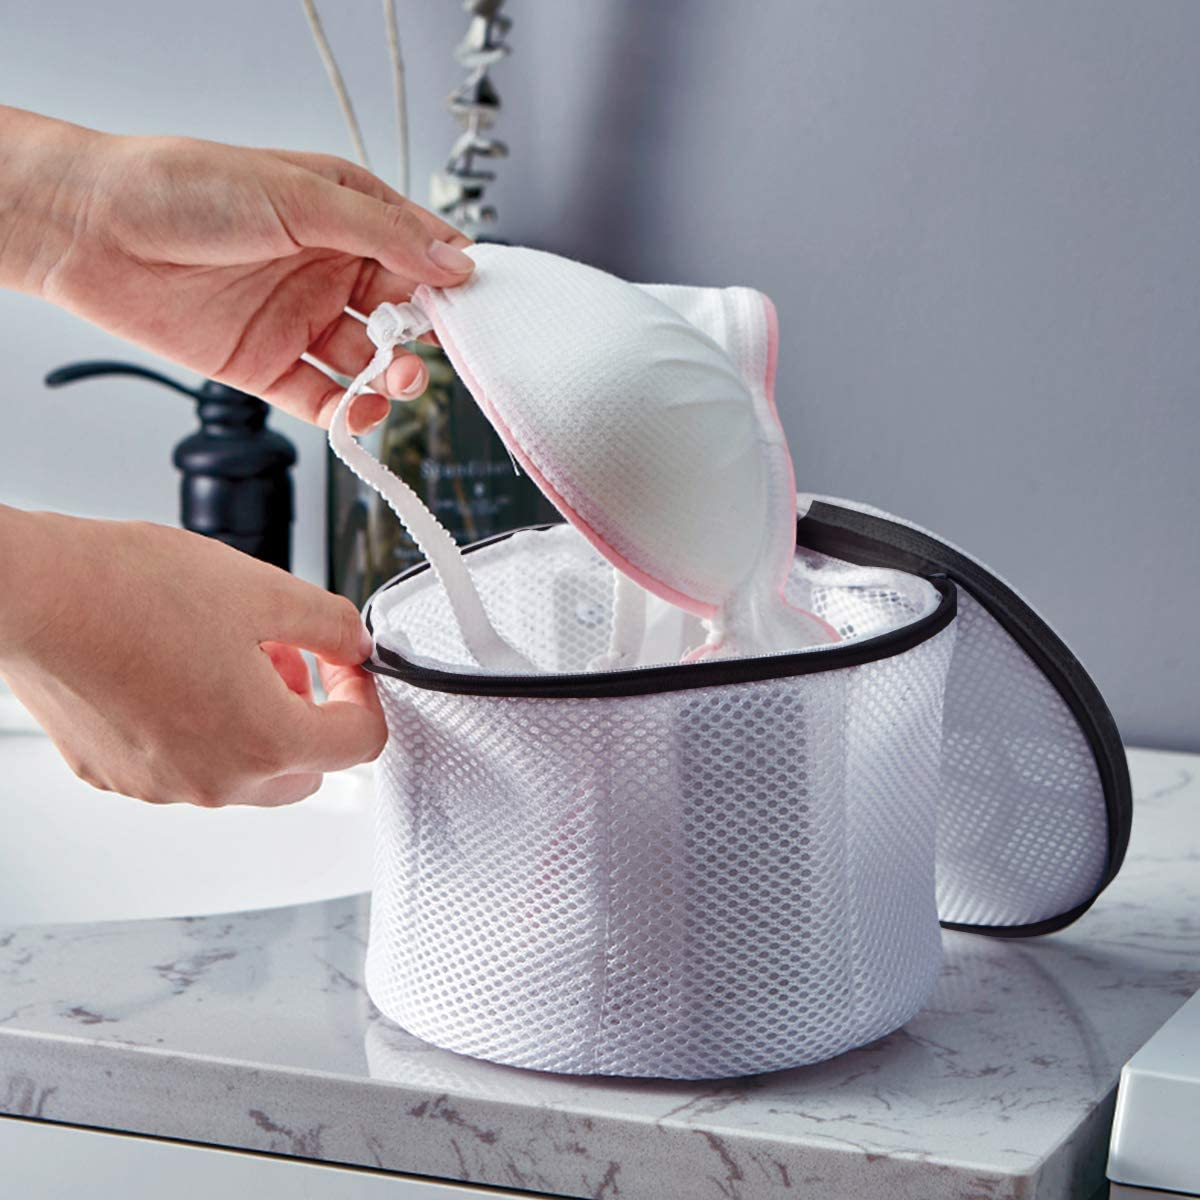 flintronic/® Bolsas para Ropa Delicada Cil/índrico - Cremallera Negra para Ropa Interior y Organizador de Colada y Lavadoras Bolsas para Ropa Delicada Sujetador Bolsa Malla Lavado